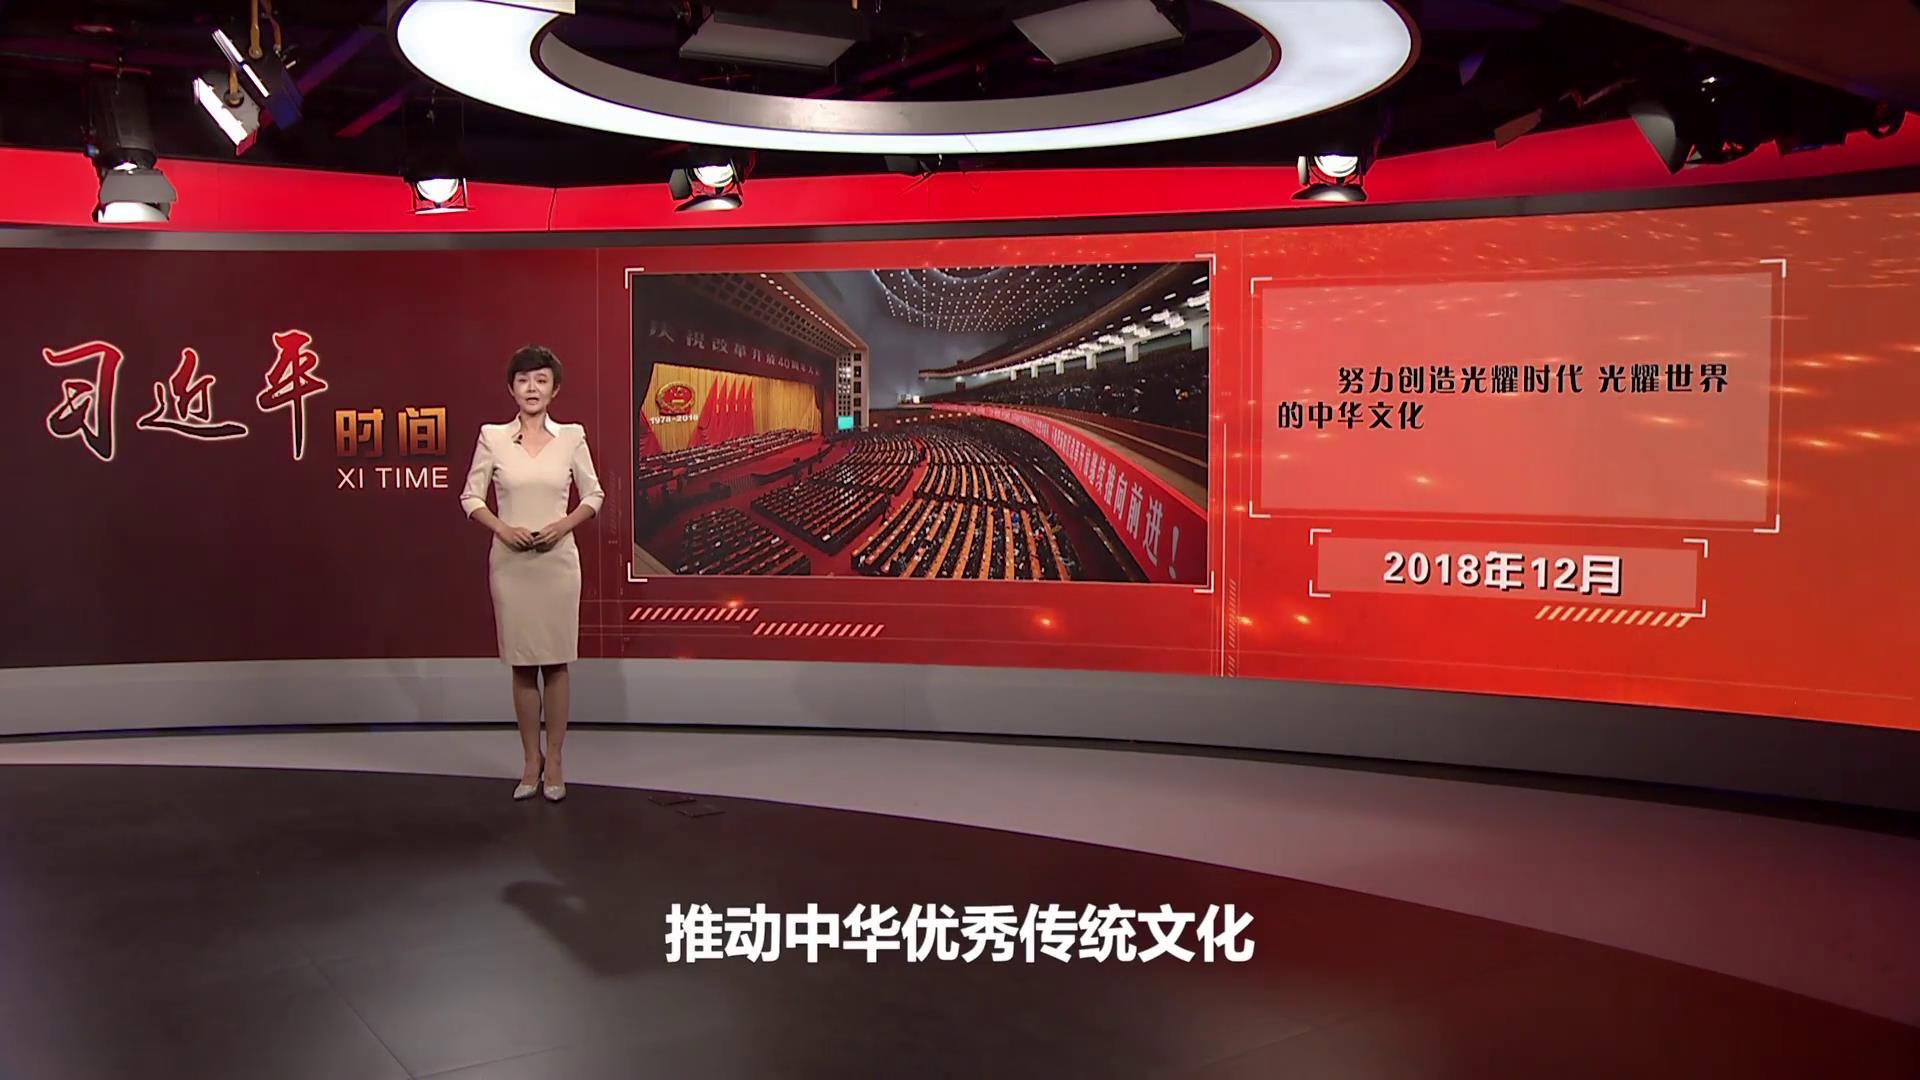 习近平时间|努力创造光耀时代 光耀世界的中华文化图片